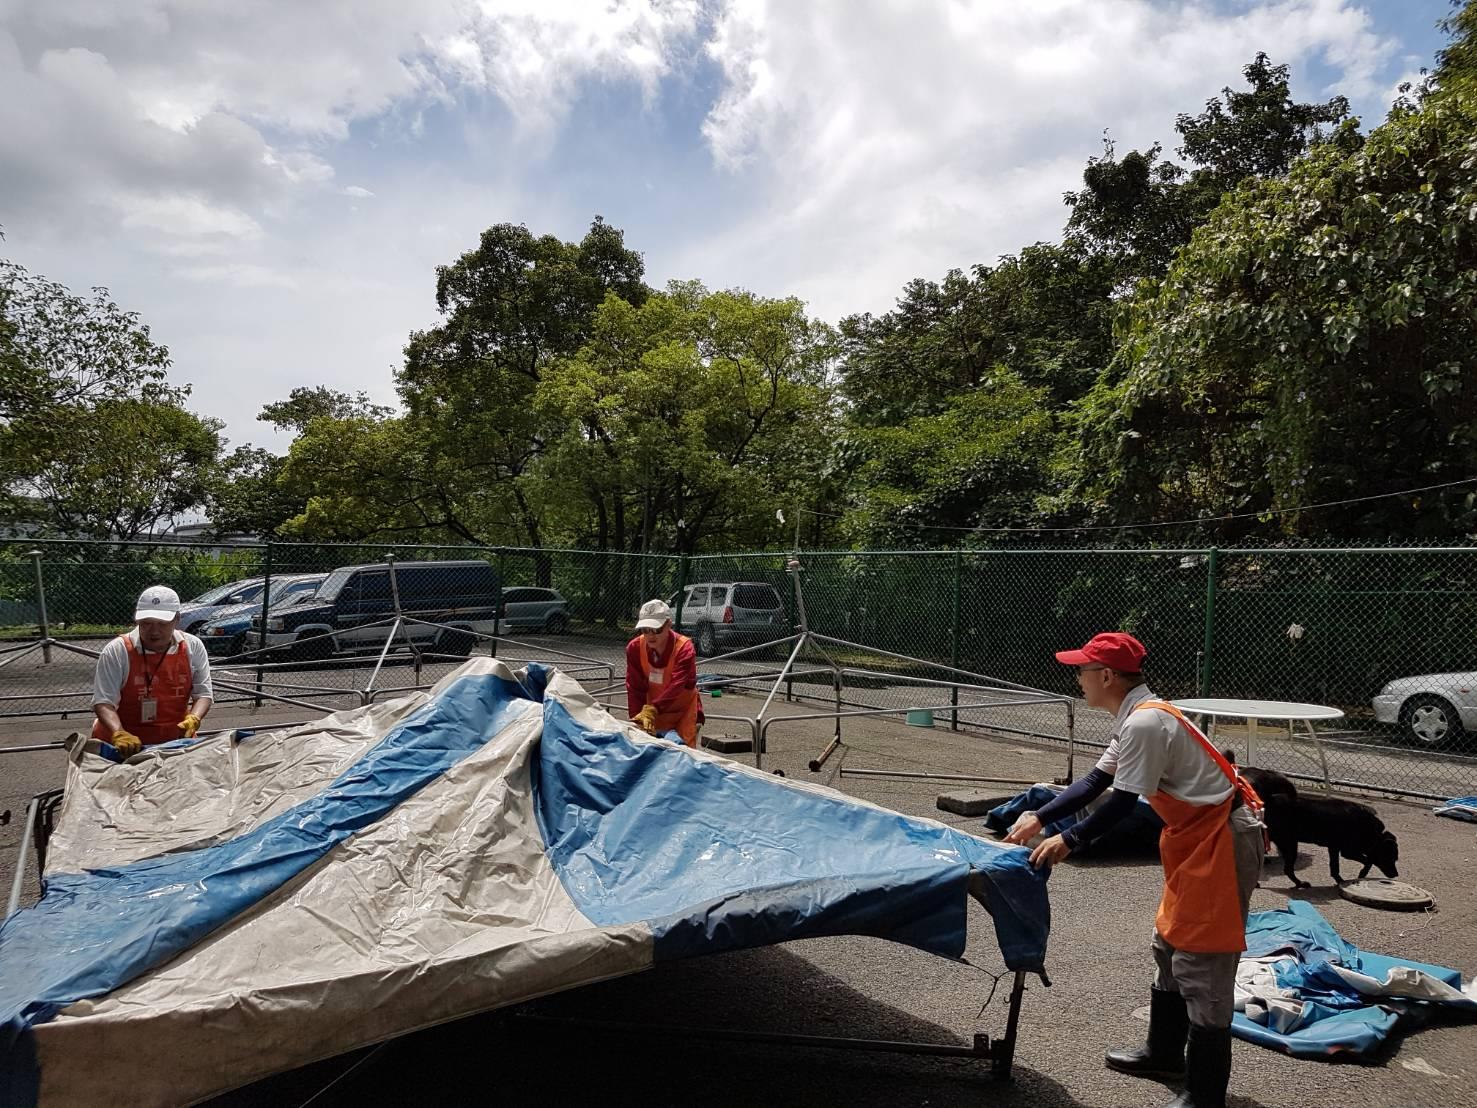 圖3.志工於颱風後幫忙搭設遛狗場遮雨棚